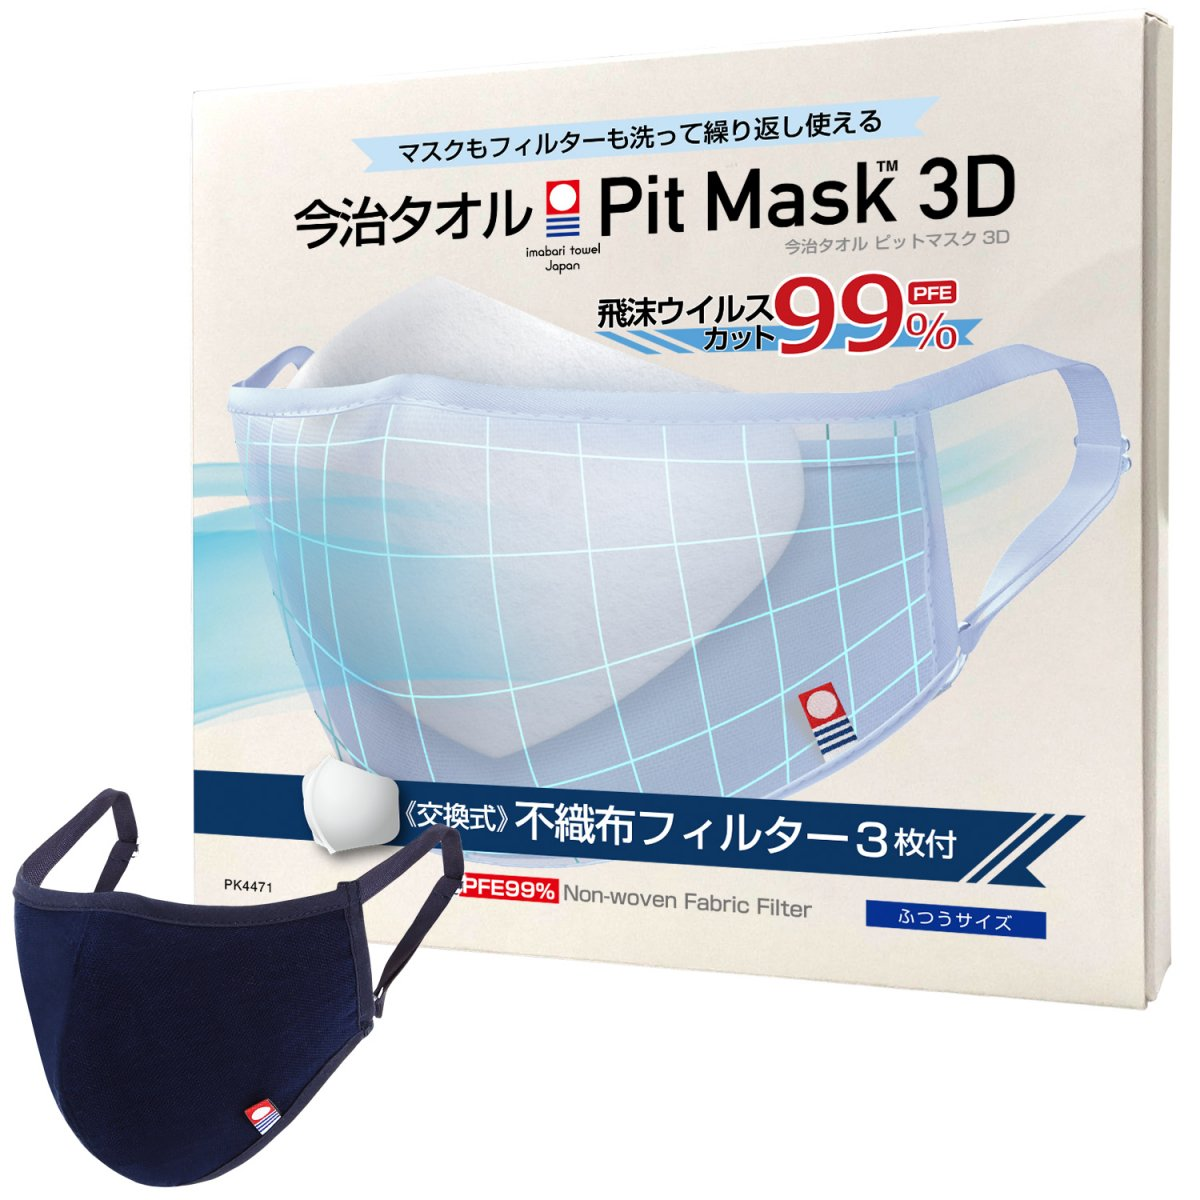 今治タオルブランドマスク ピットマスク3D ≪N95対応・PFE99% フィルター付≫